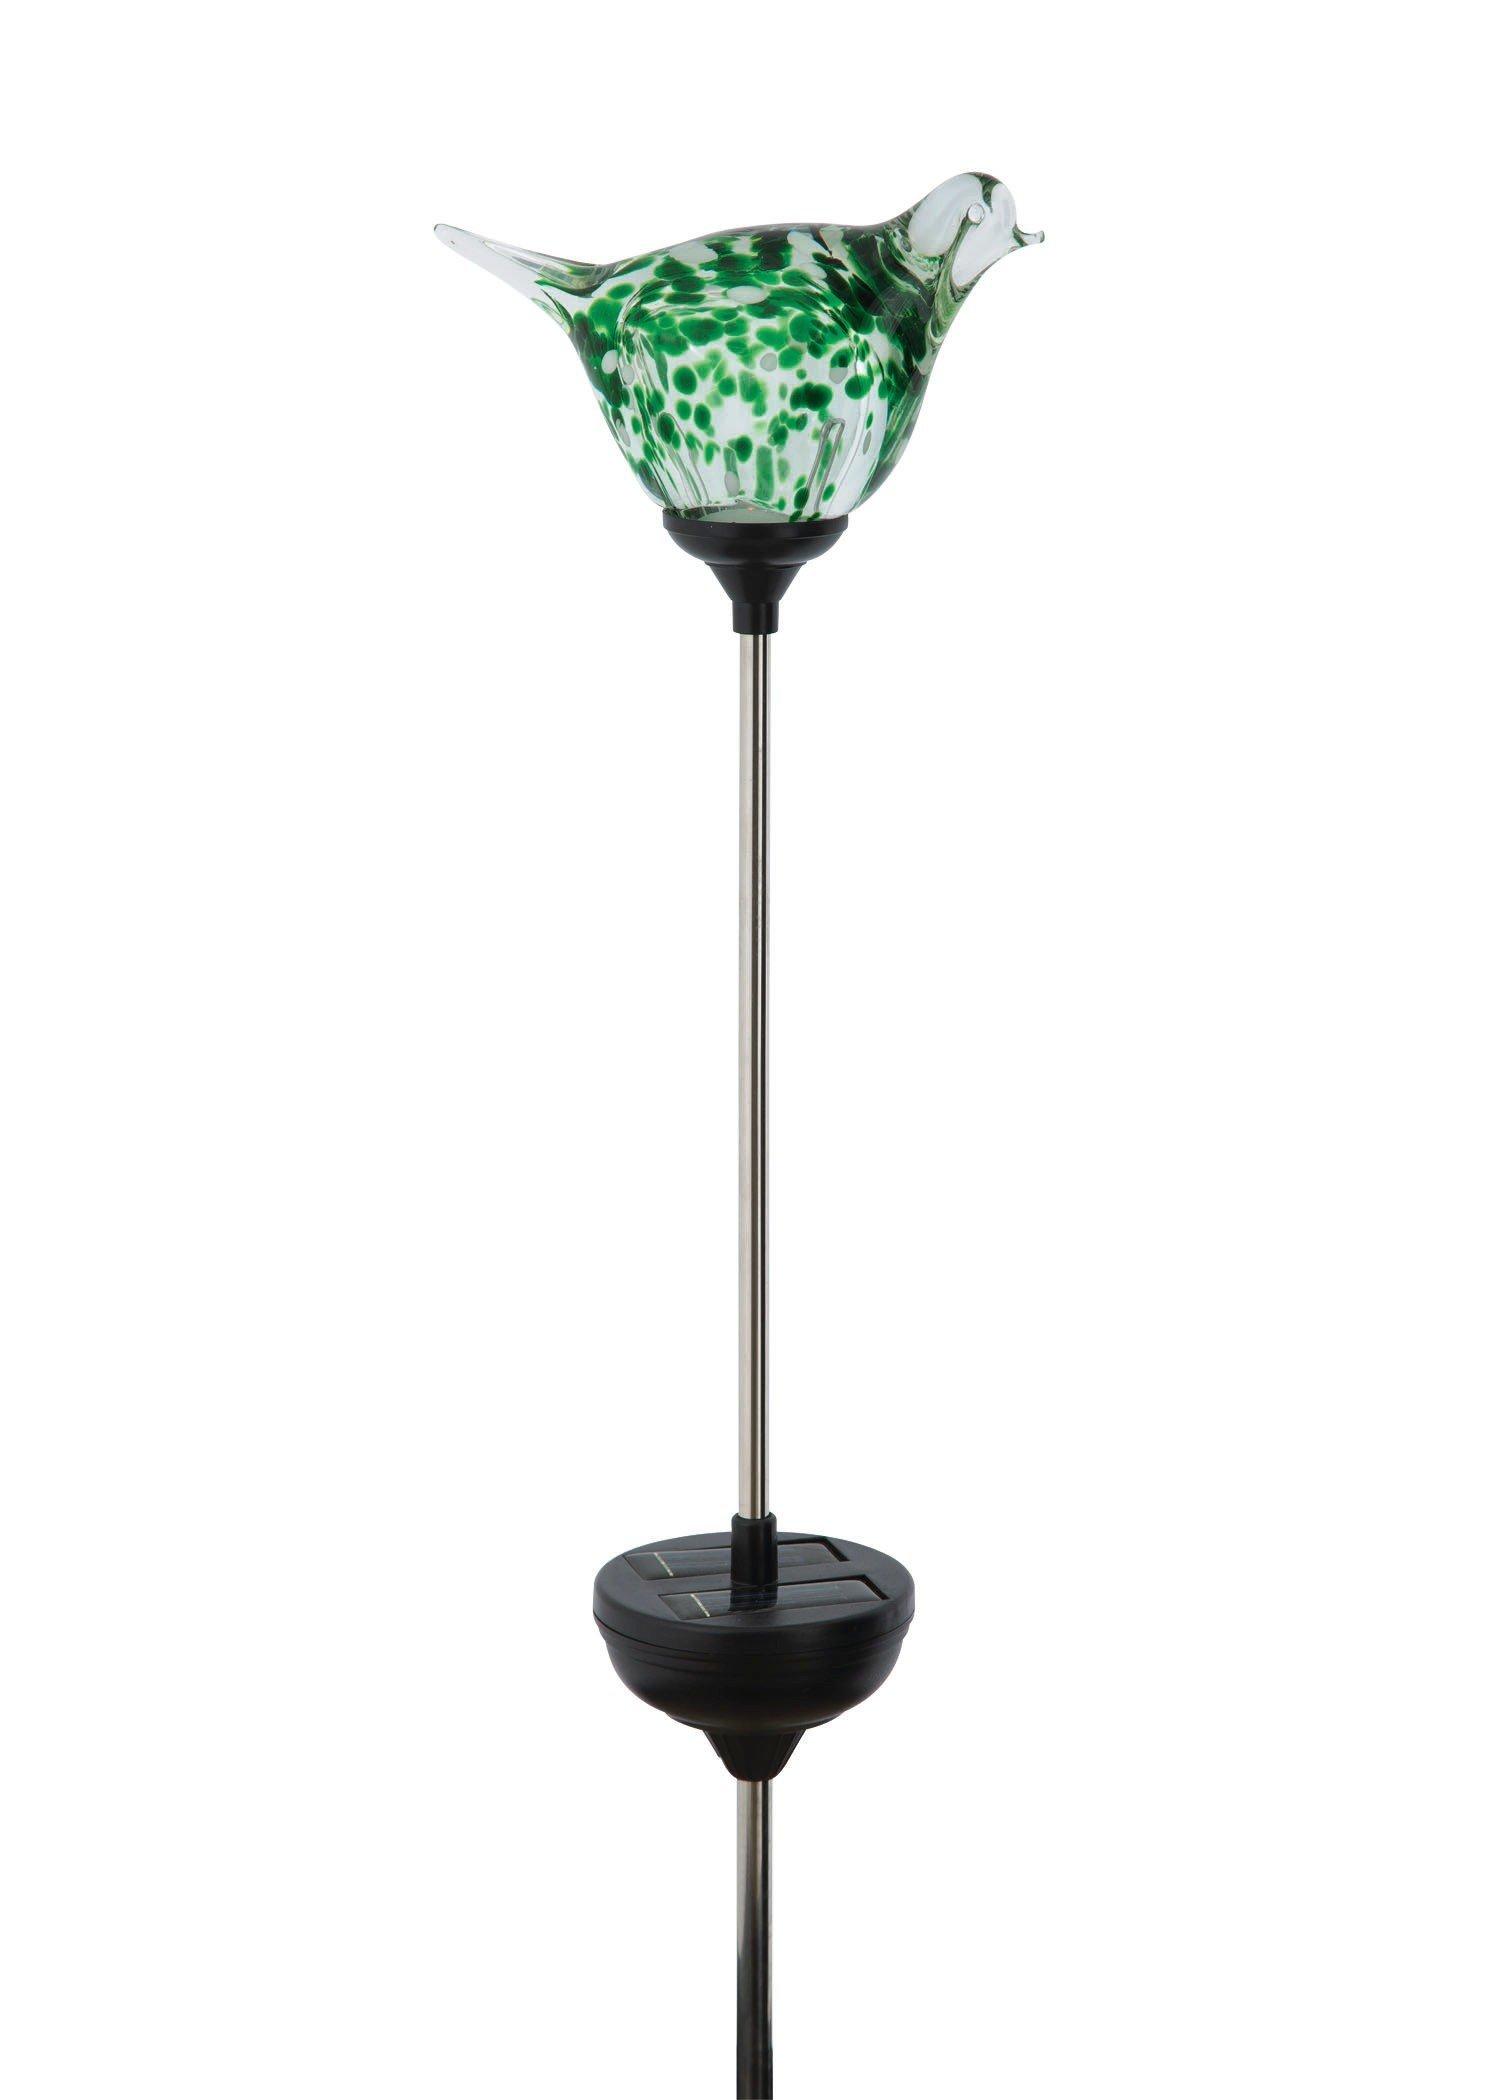 Russco III GS135476 Solar Powered LED Glass Bird Garden Stake, Green